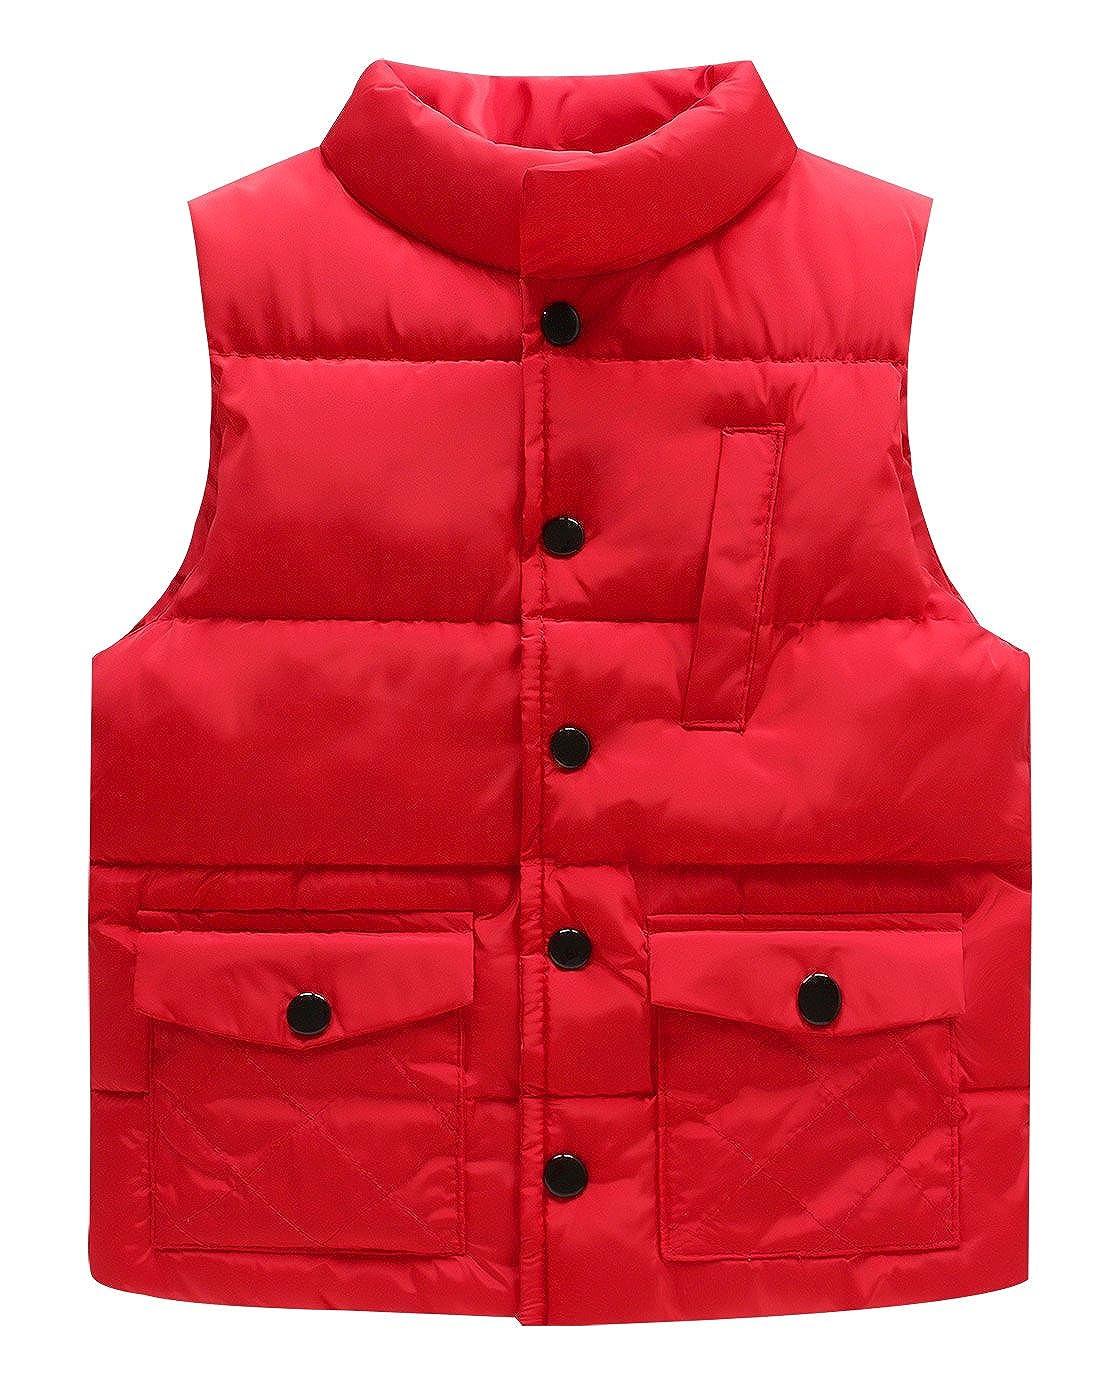 LUXING Kids Waterproof Down Vest Baby Lightweight Soft Polyester Waistcoat Outwear